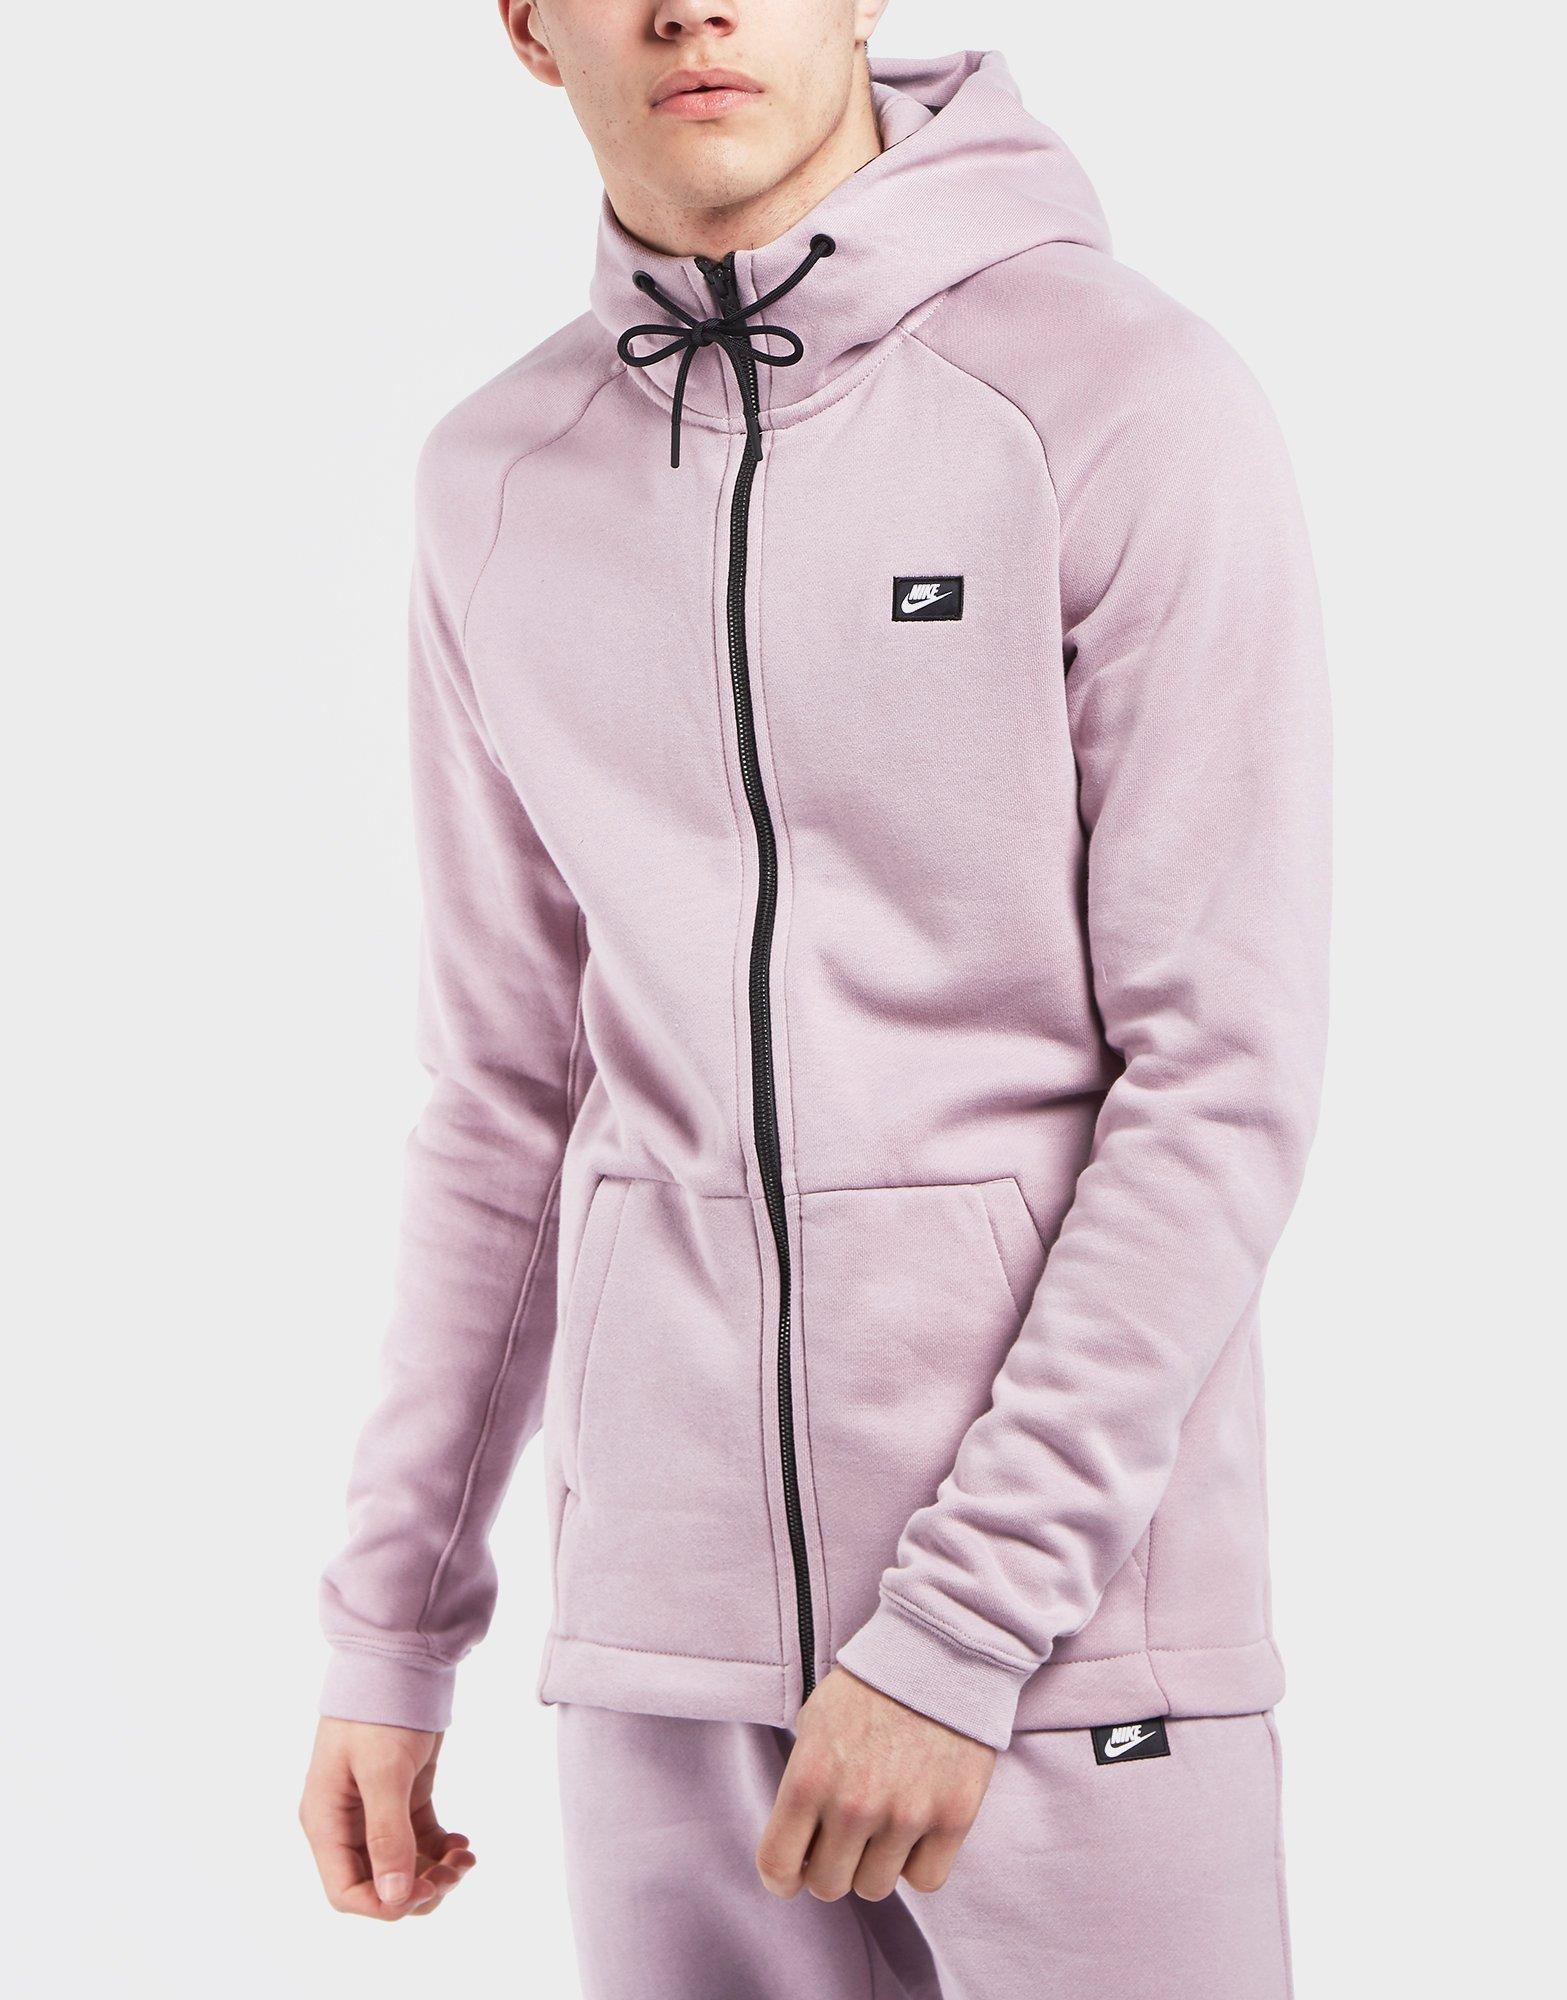 In Zip Lyst Hoodie Bb Full Men Modern For Nike Pink qp6Y7g